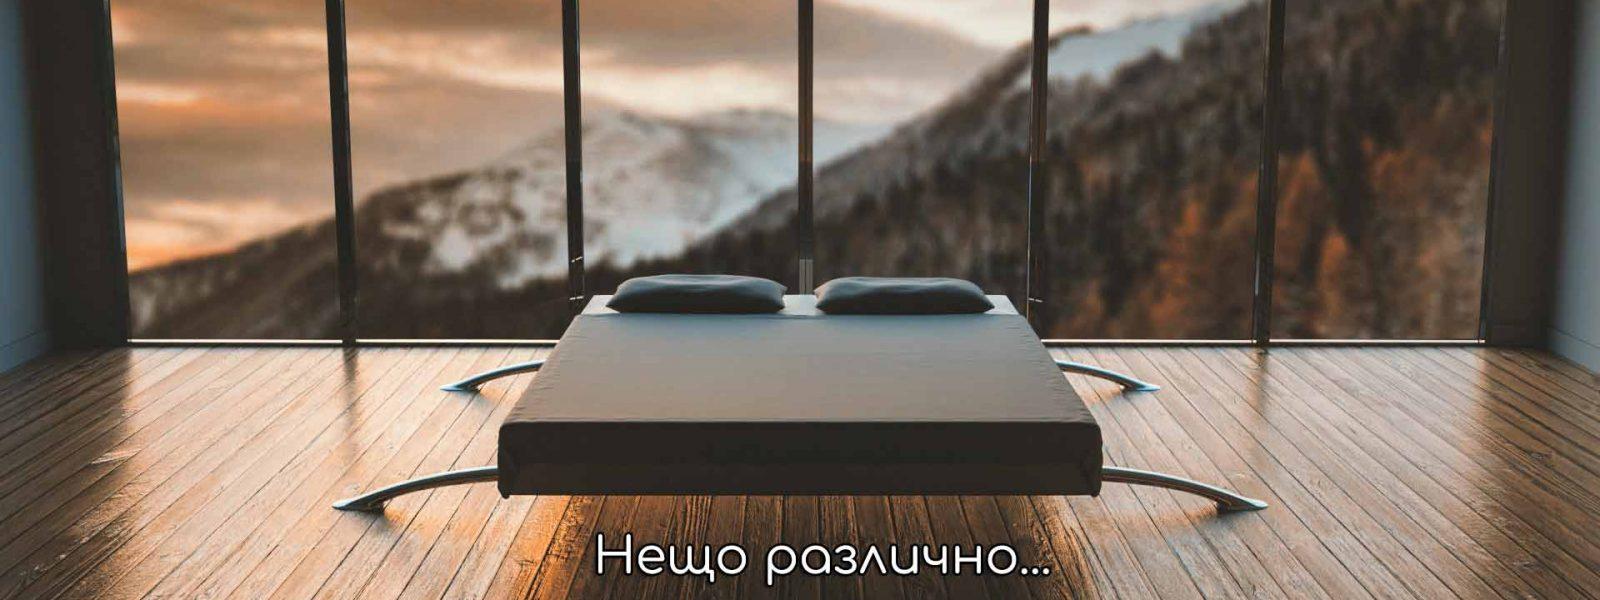 home-screen-slide